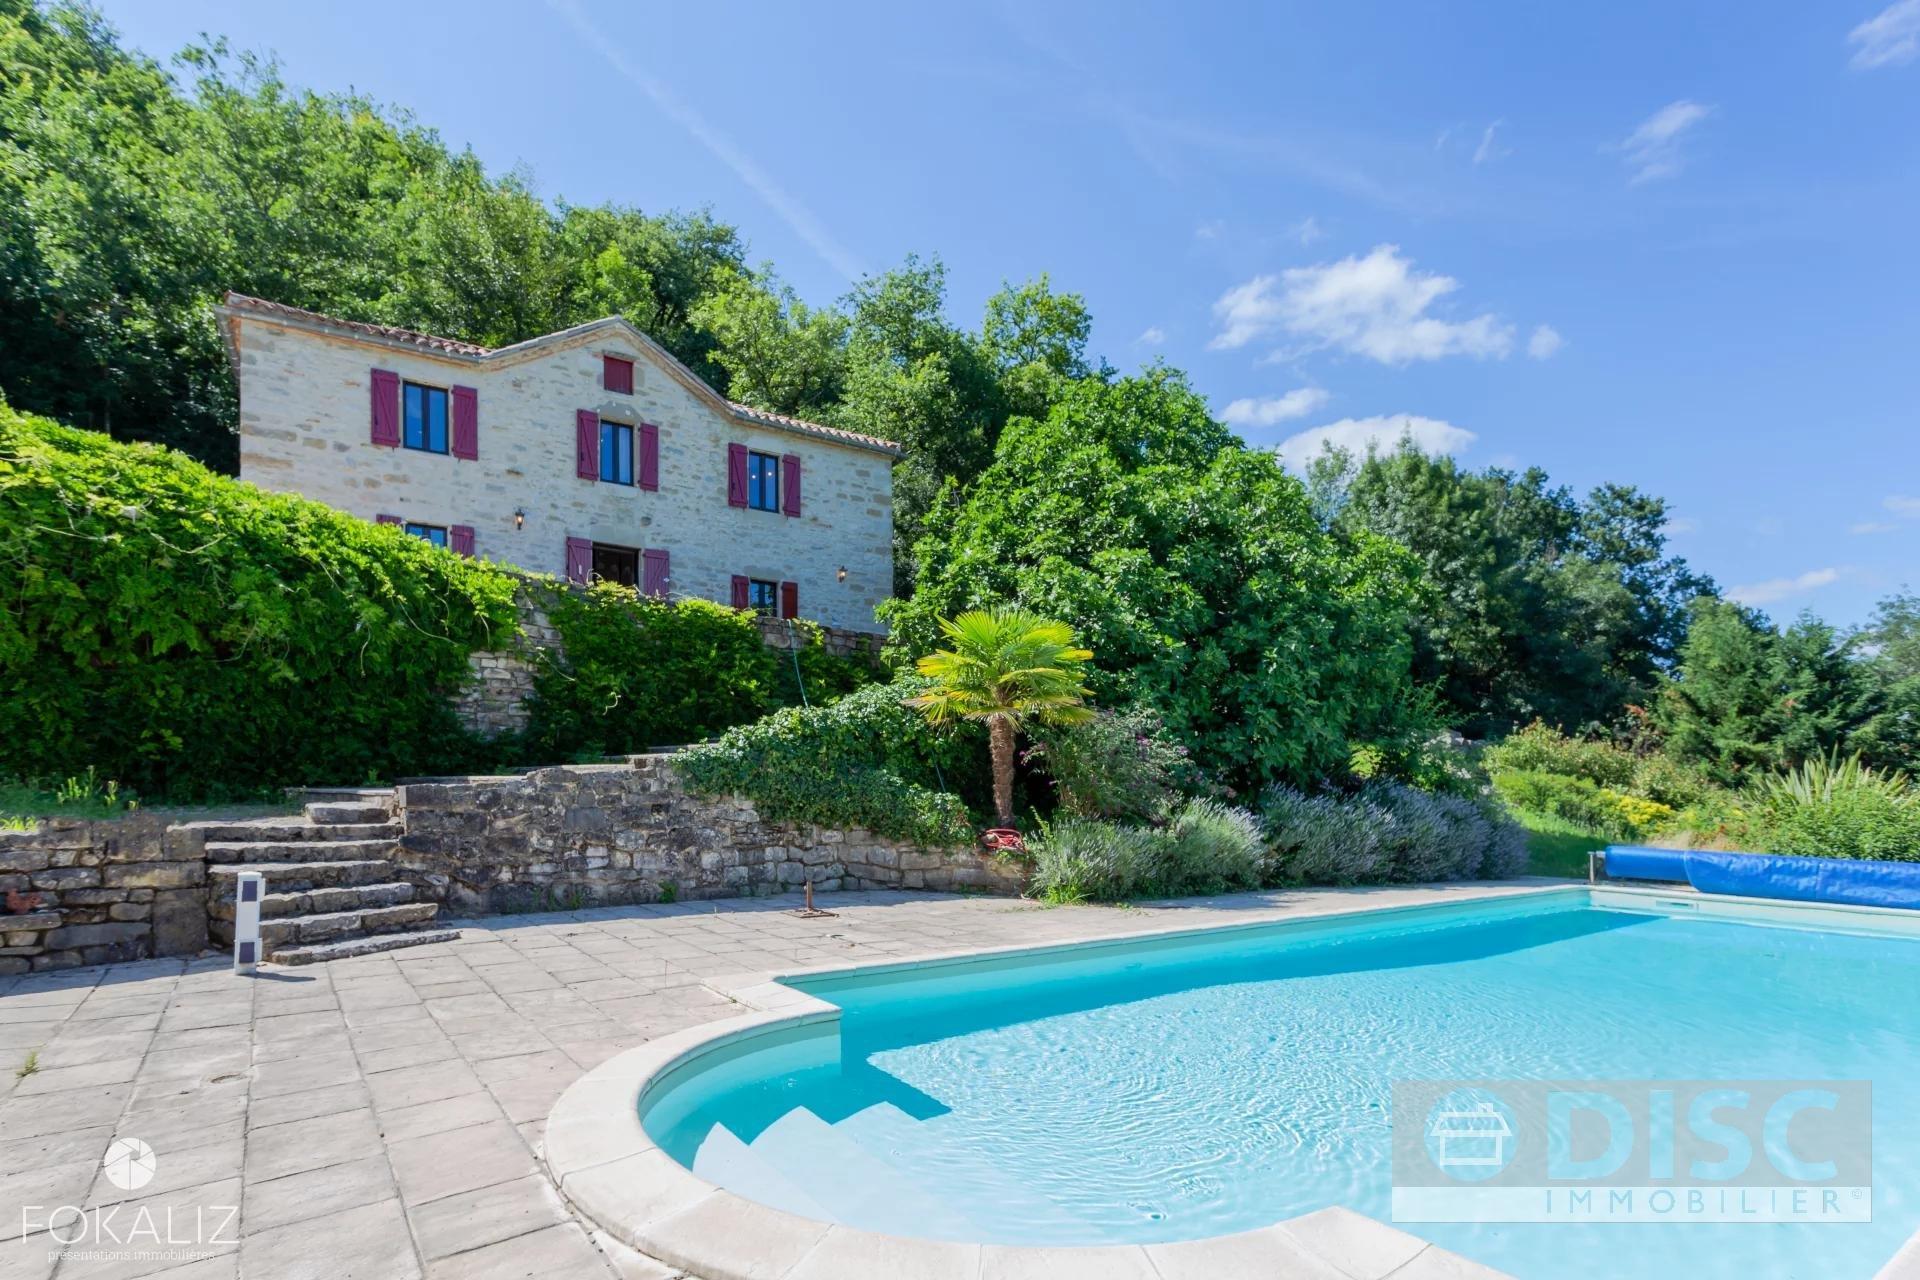 Belle propriété en pierre avec gite et piscine ainsi qu'une vue a couper le souffle.